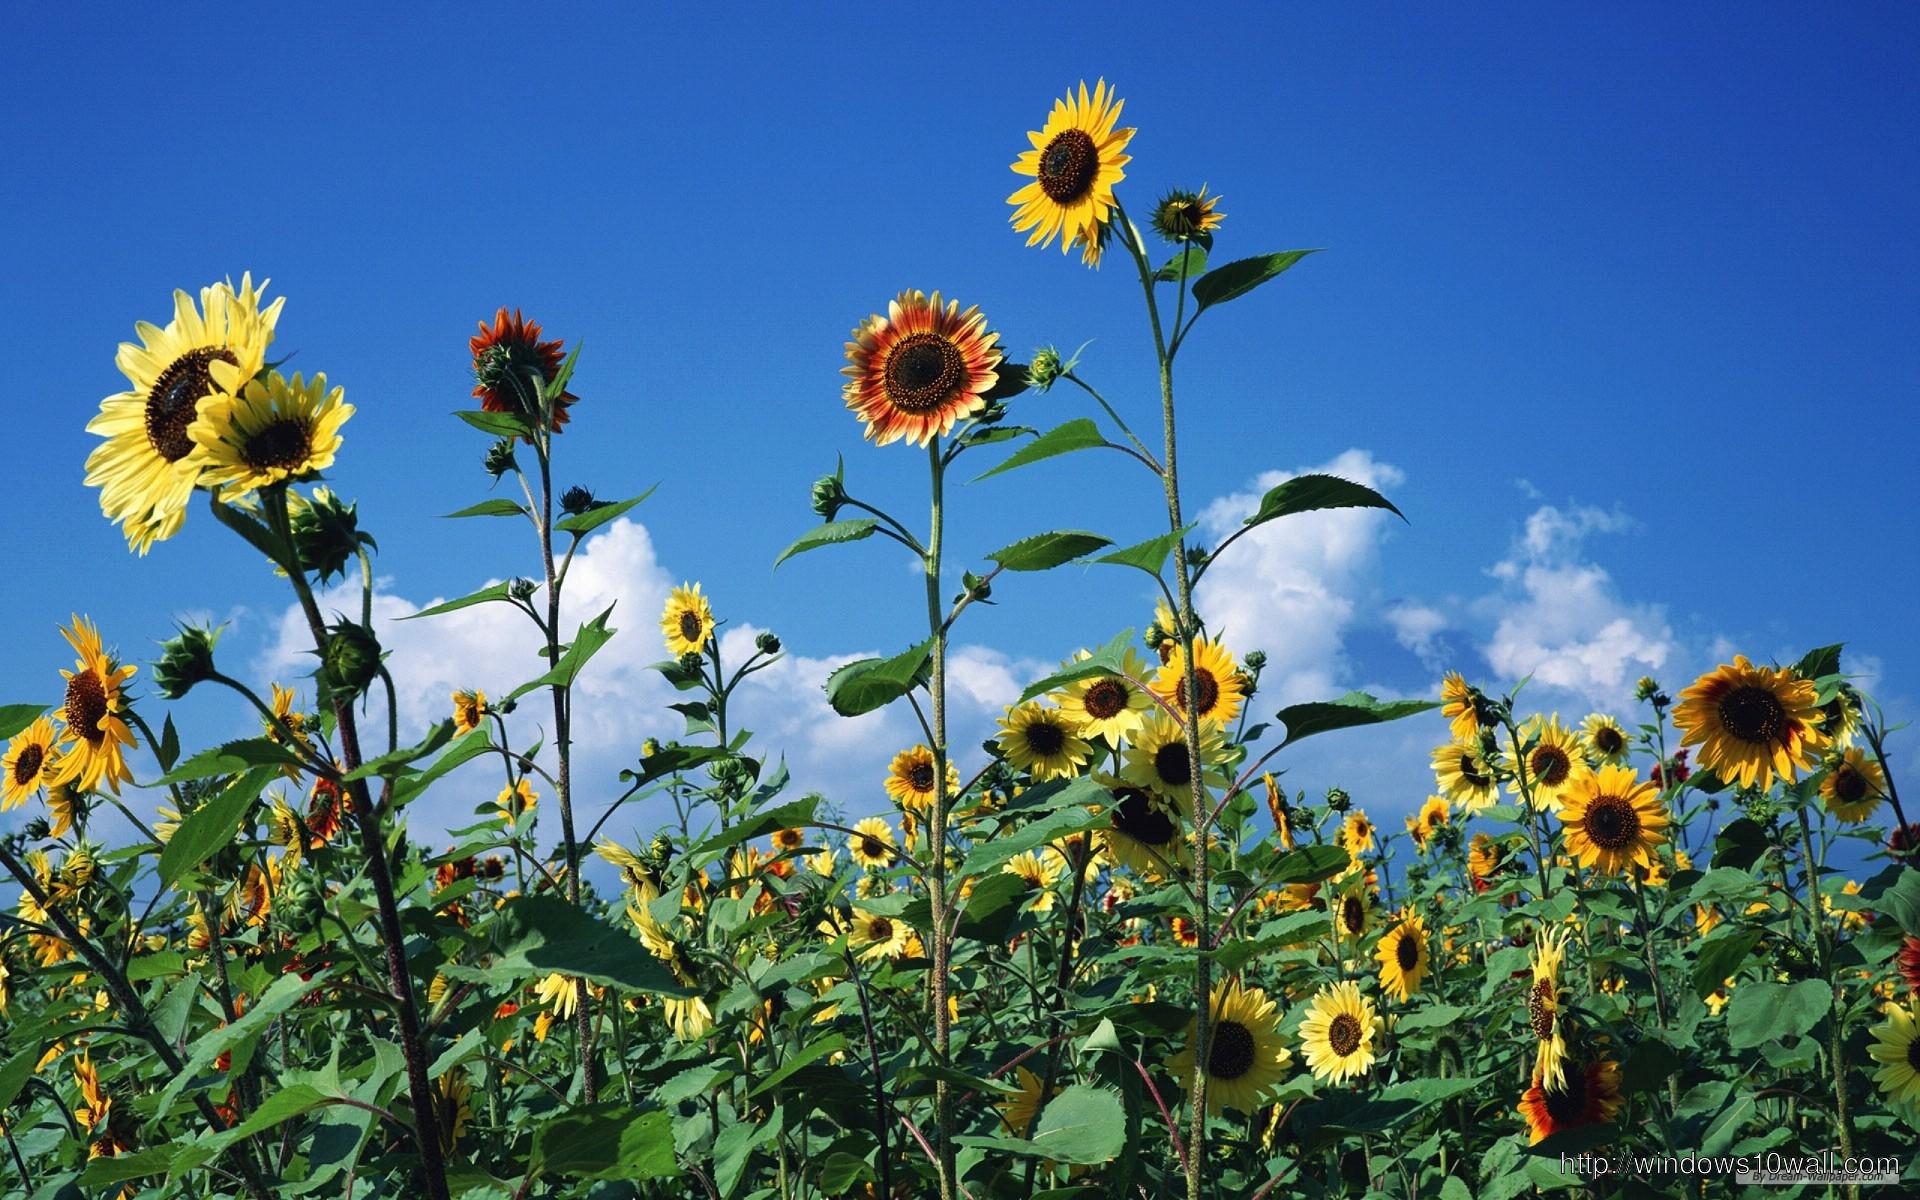 Flower Sunflower Wallpaper Windows 10 Wallpapers